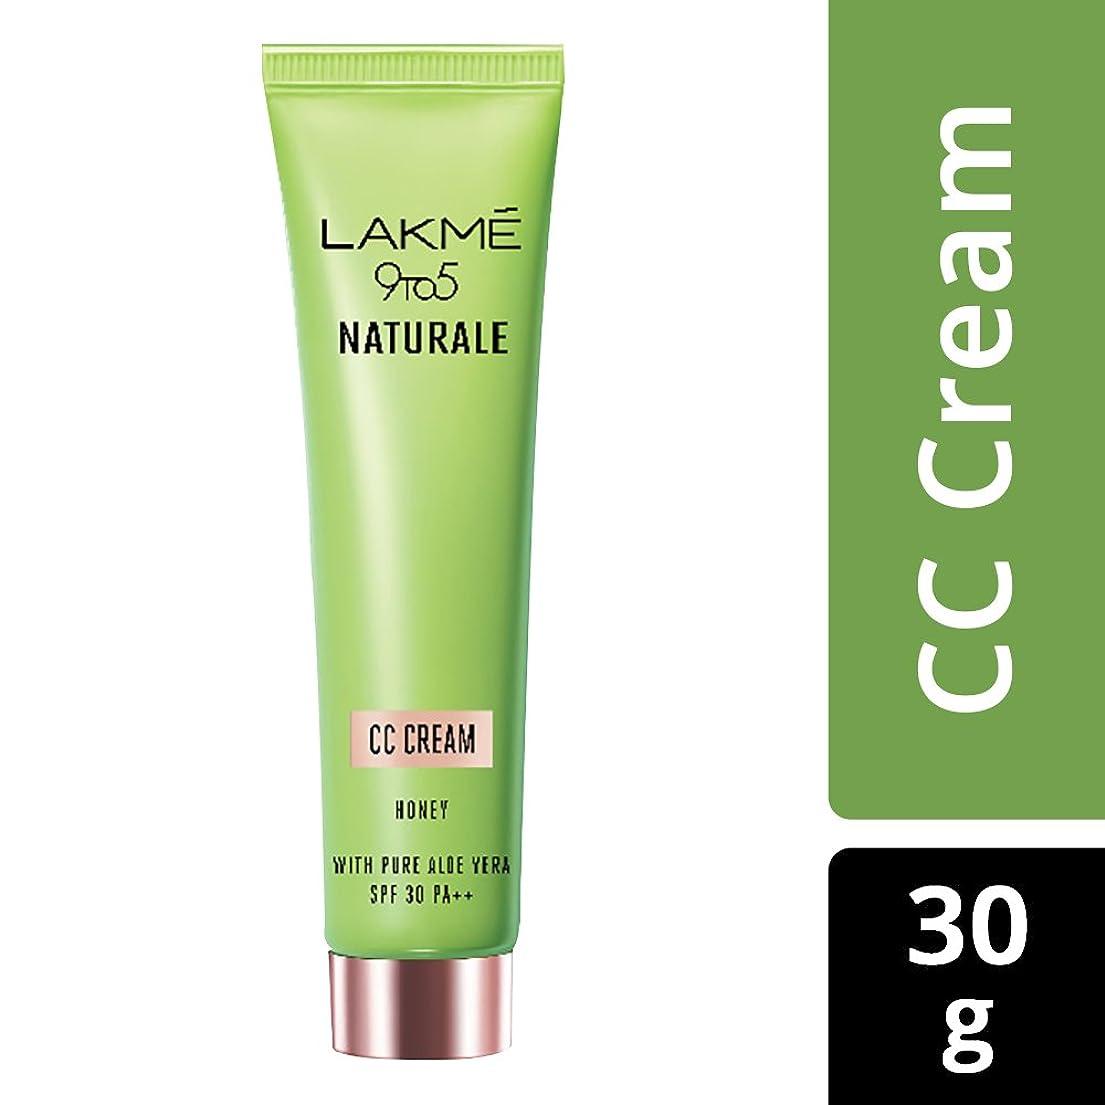 スパンウェイトレスメジャーLakme 9 to 5 Naturale CC Cream, Honey, 30g